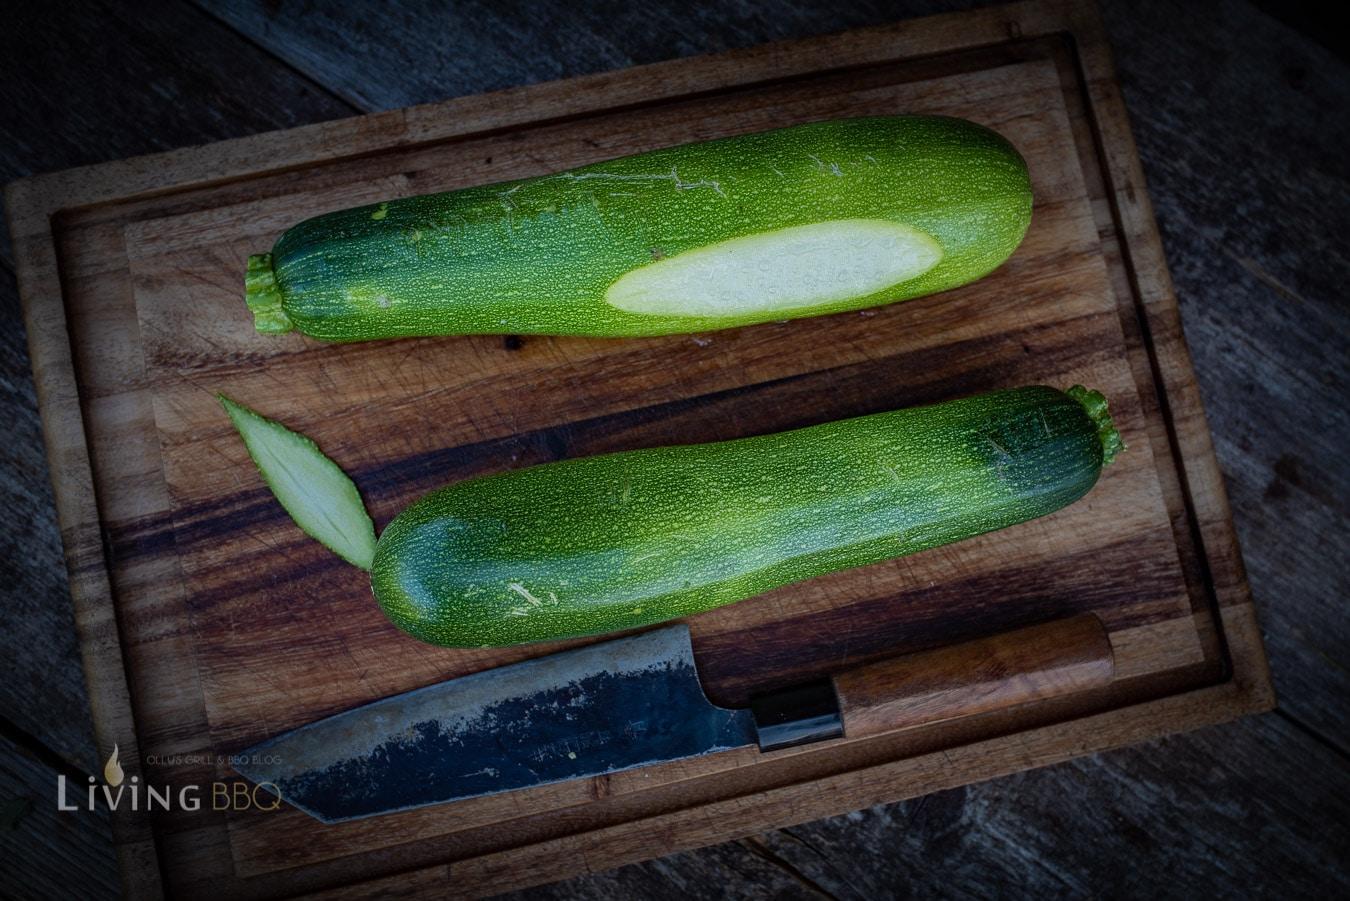 Zucchini anschneiden